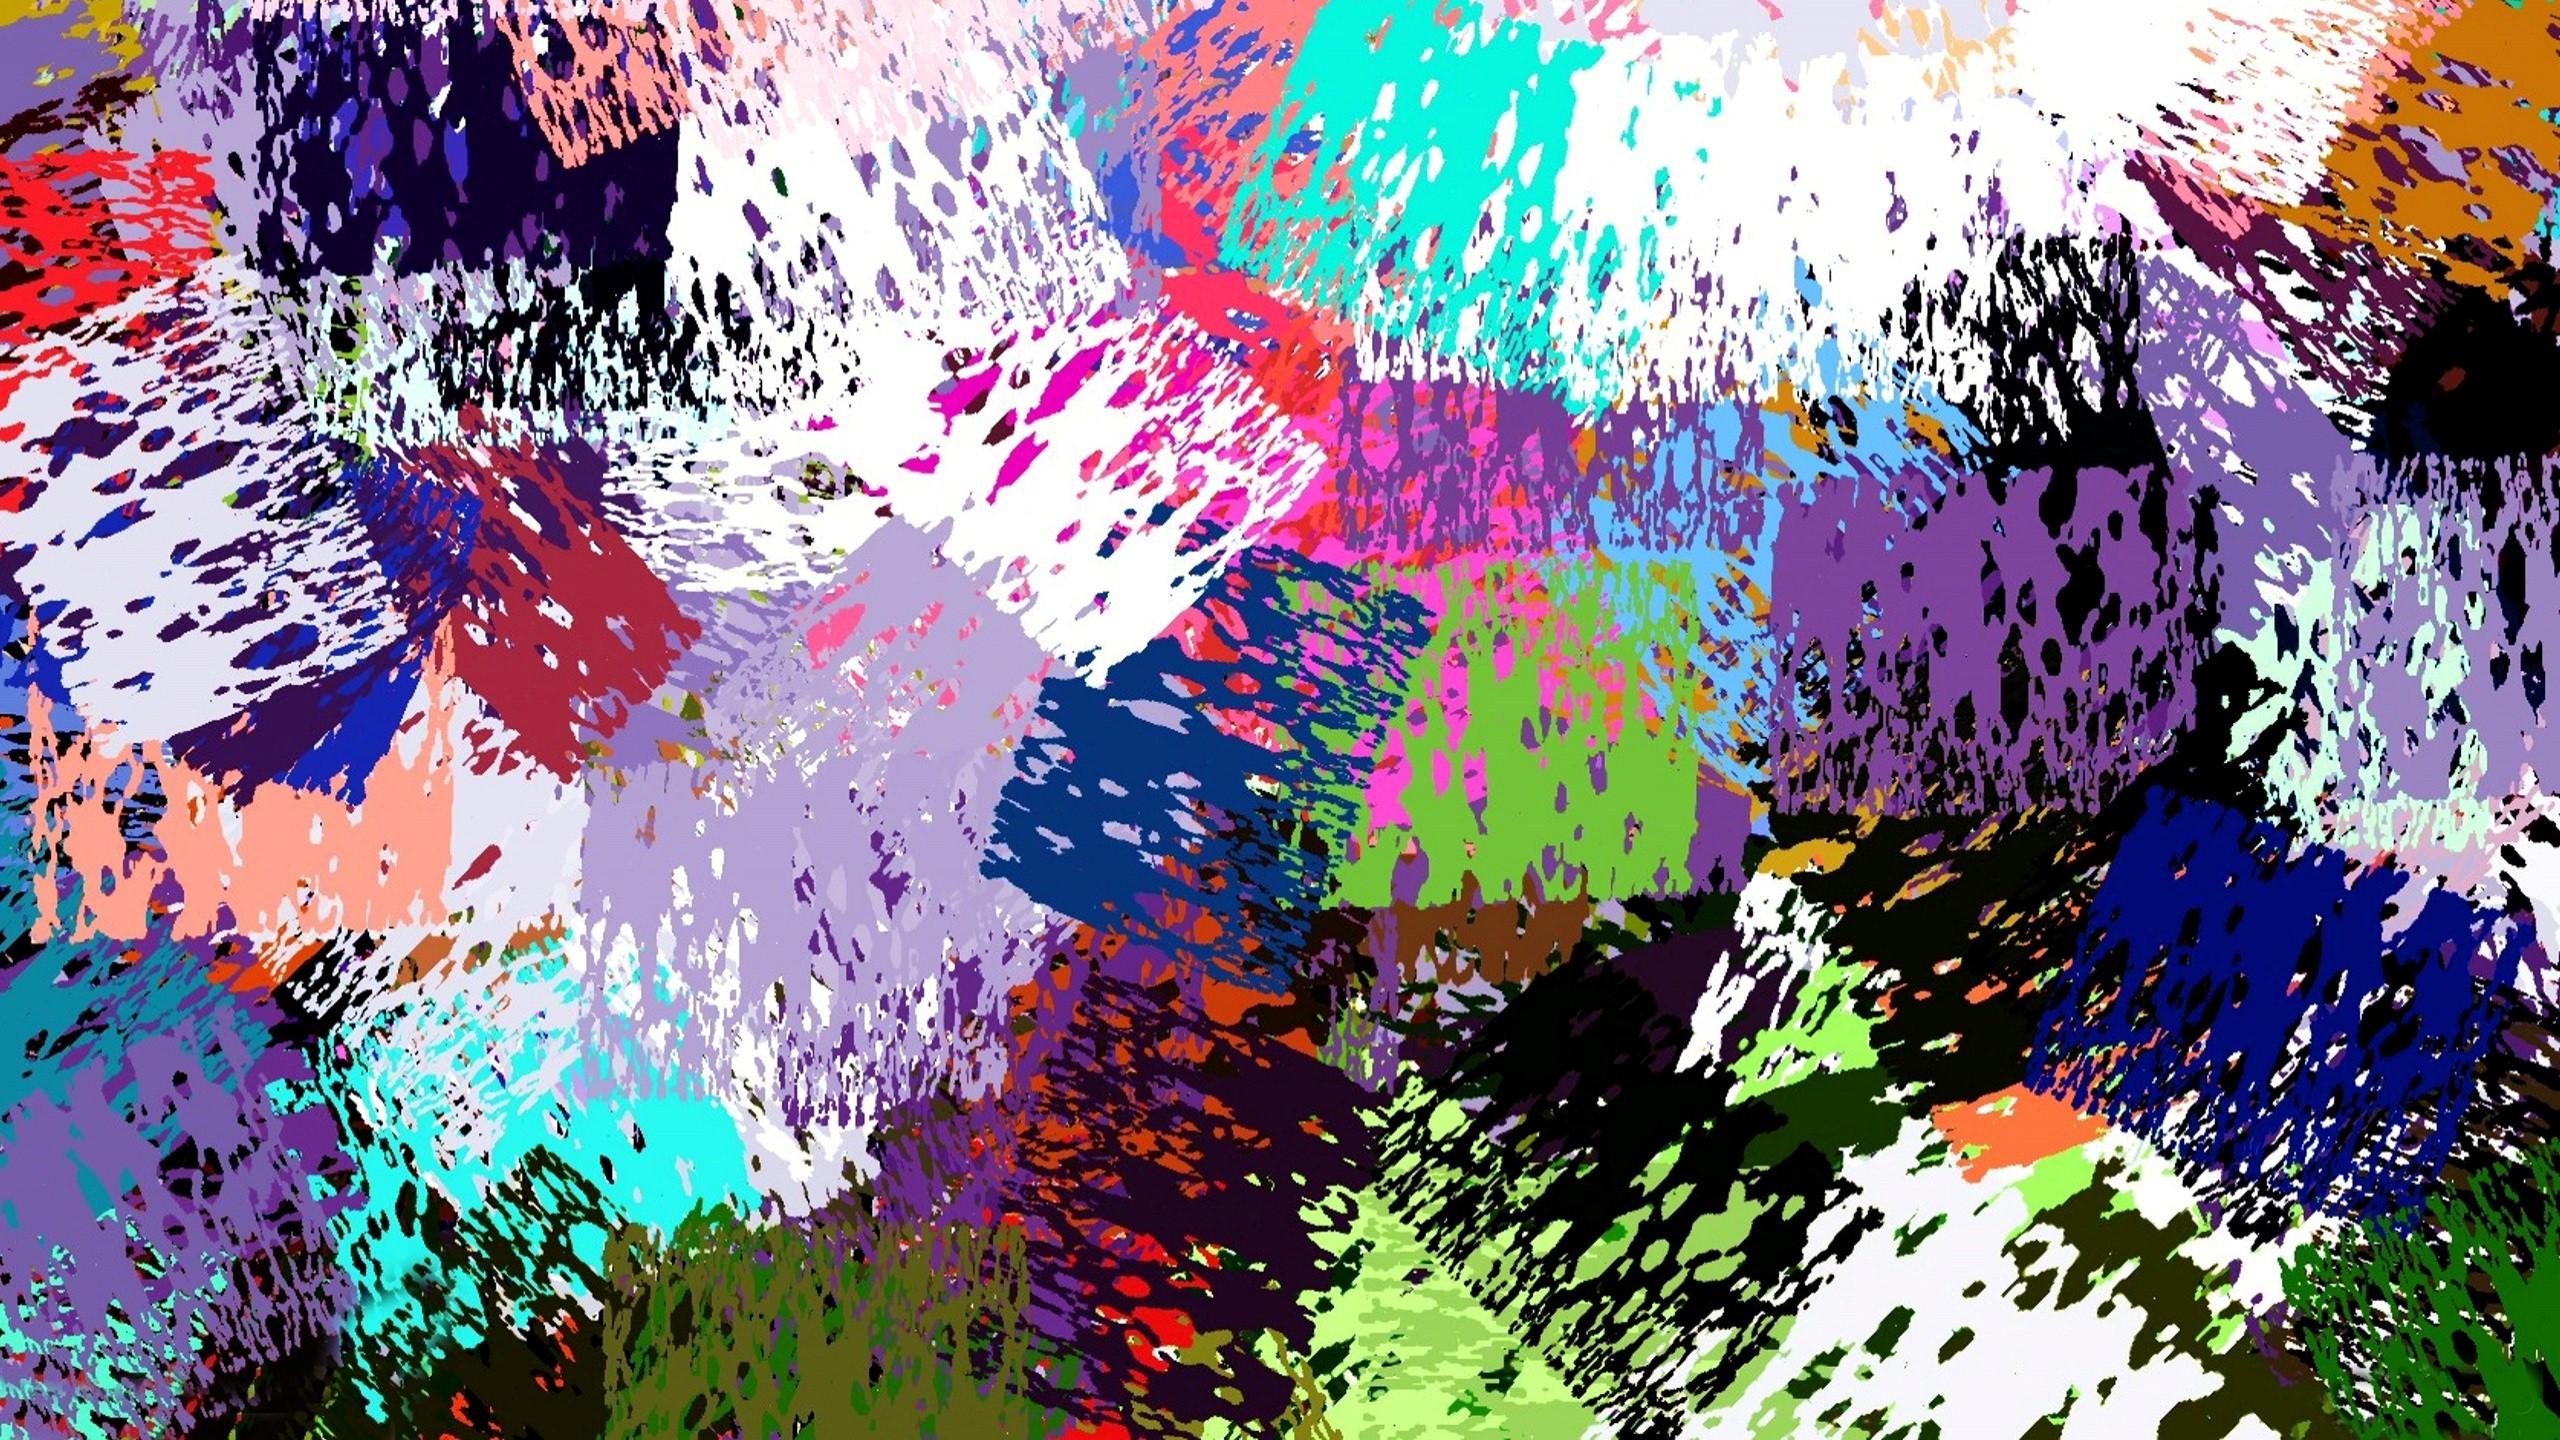 Wings Wallpaper Hd Hd Abstract Wallpapers Pixelstalk Net